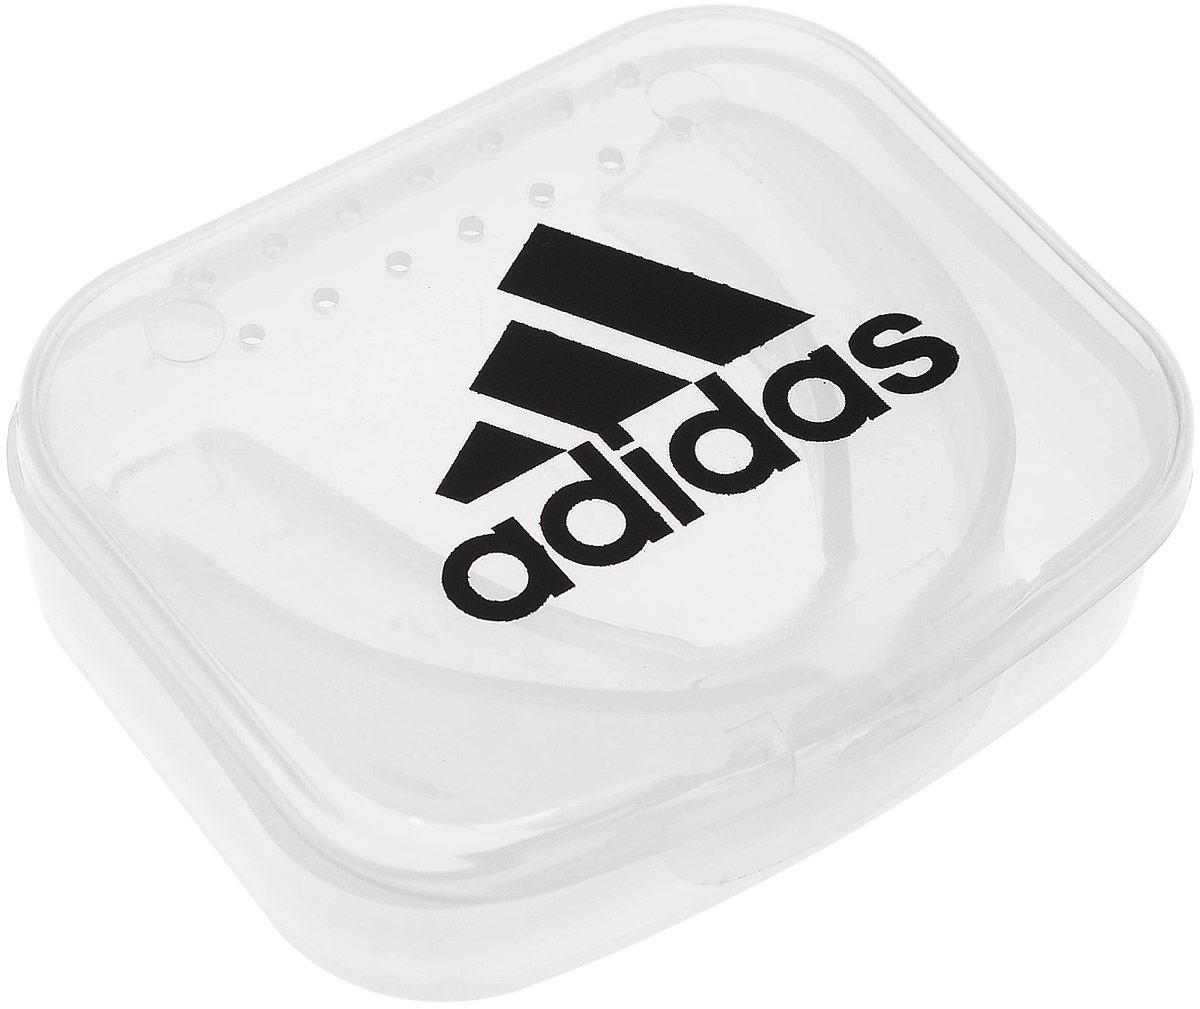 Капа одночелюстная Adidas Single Mouth Guard, цвет: прозрачный. Размер SenioradiBP09 Уважаемые клиенты! Обращаем ваше внимание на то, что упаковка может иметь несколько видов дизайна. Поставка осуществляется в зависимости от наличия на складе.